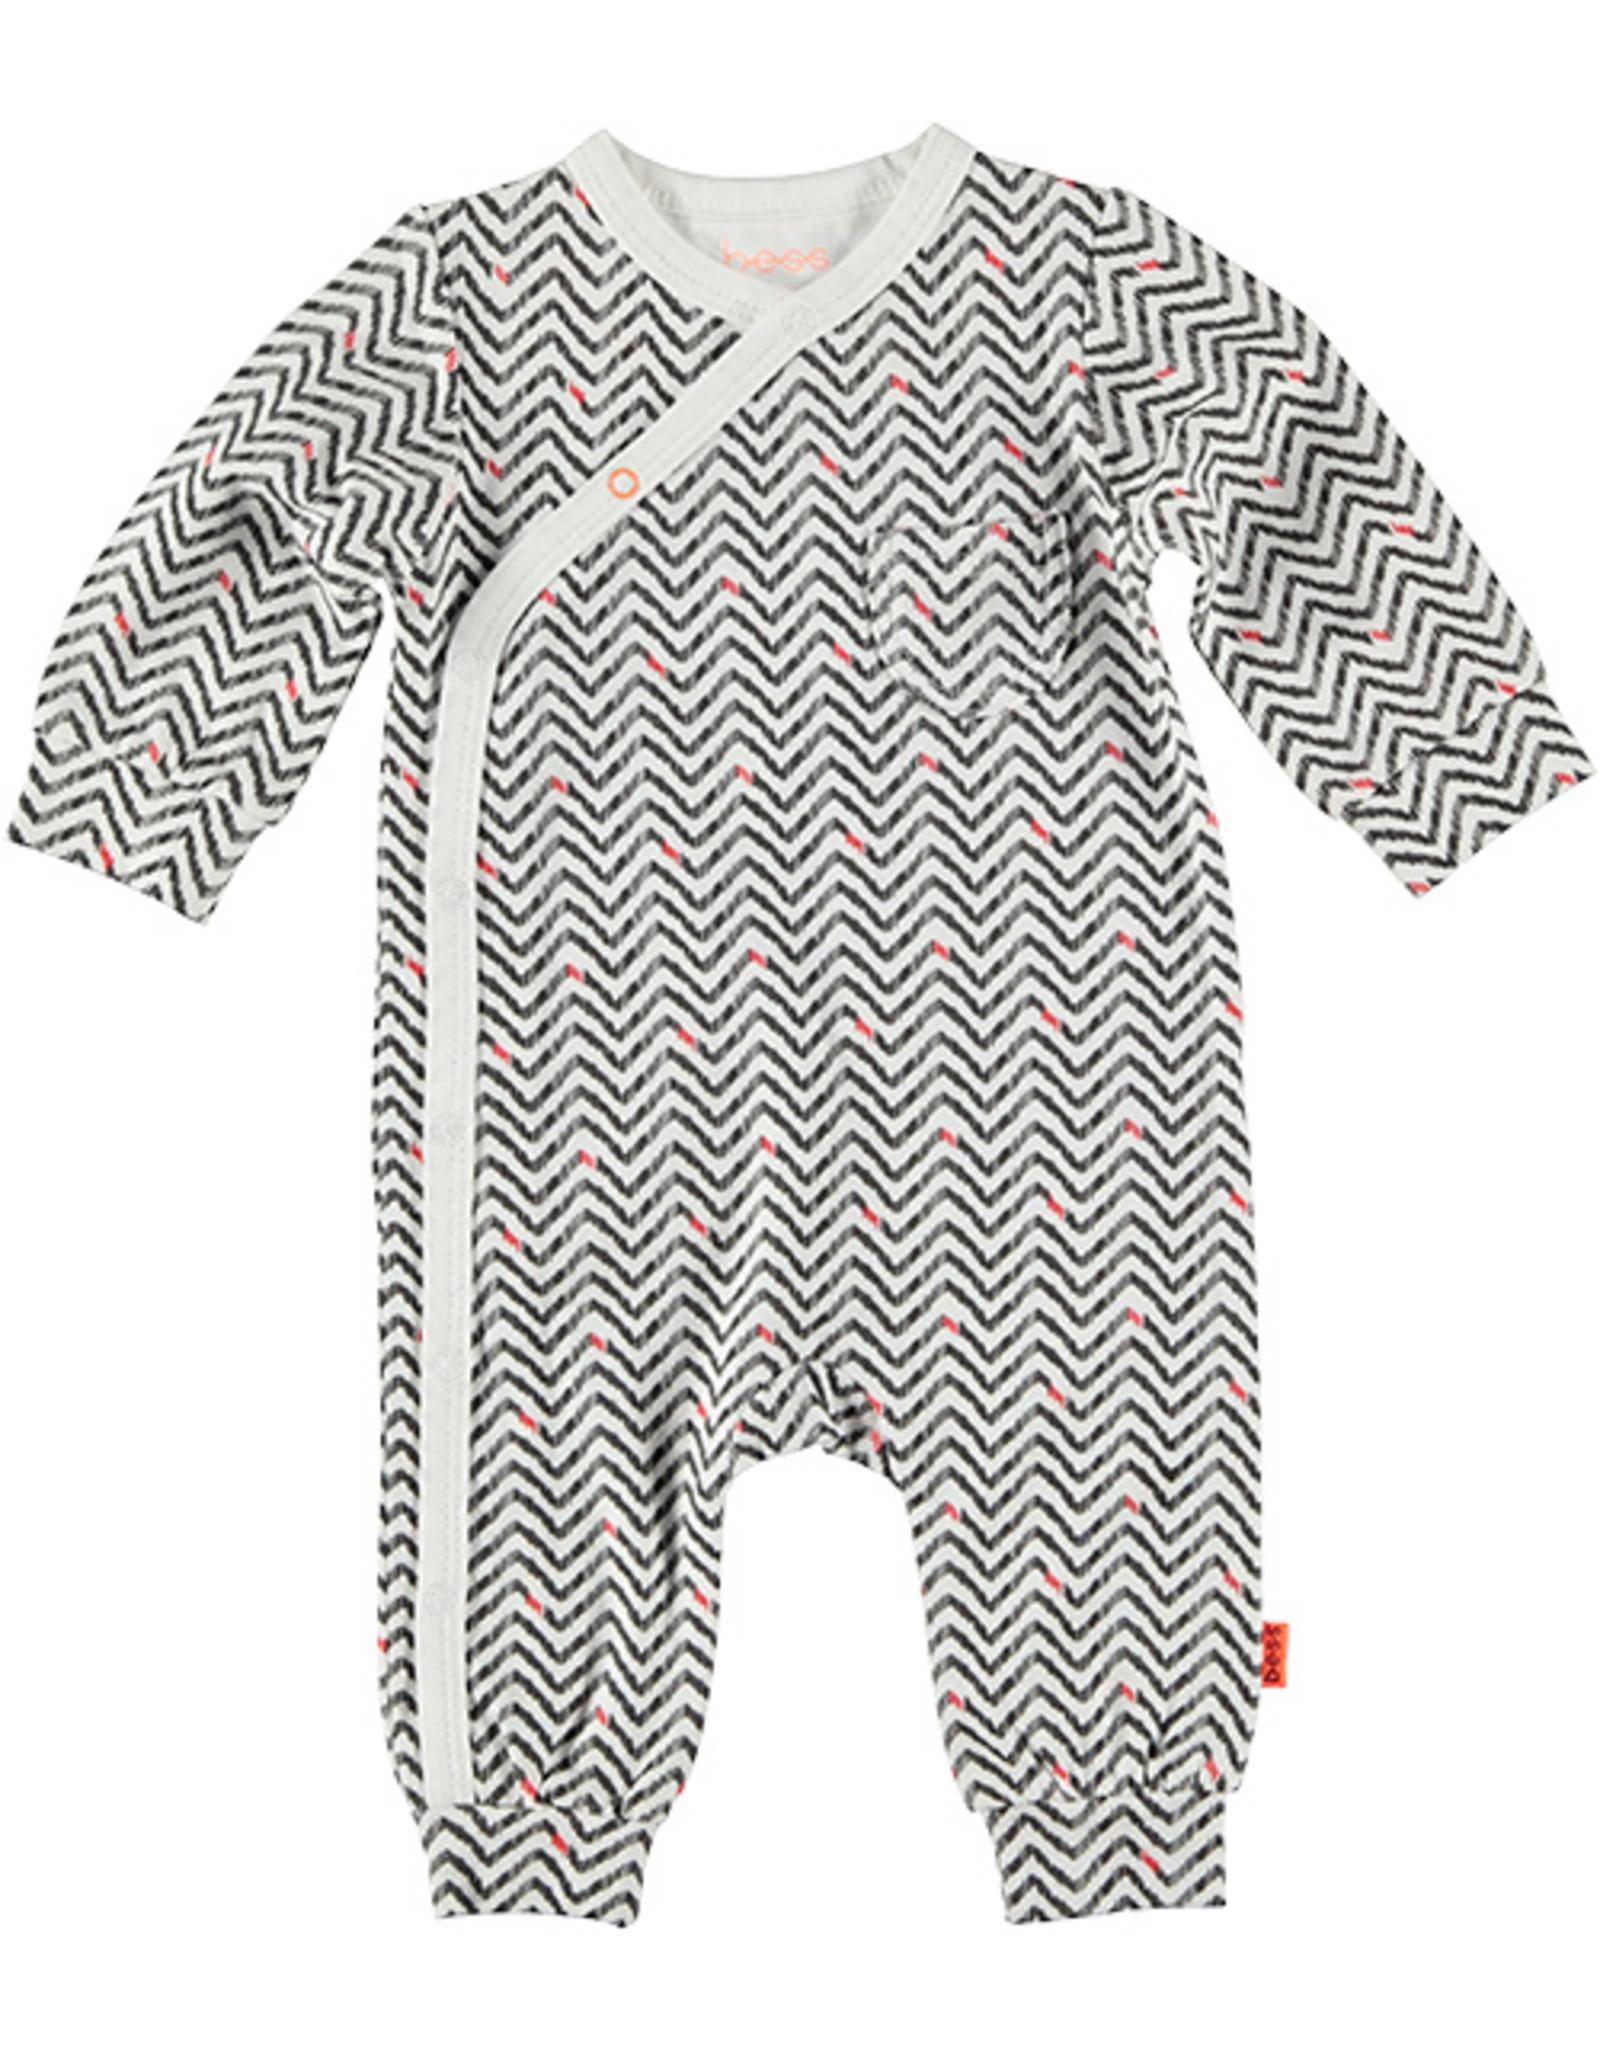 B.E.S.S. Suit AOP Zigzag, White